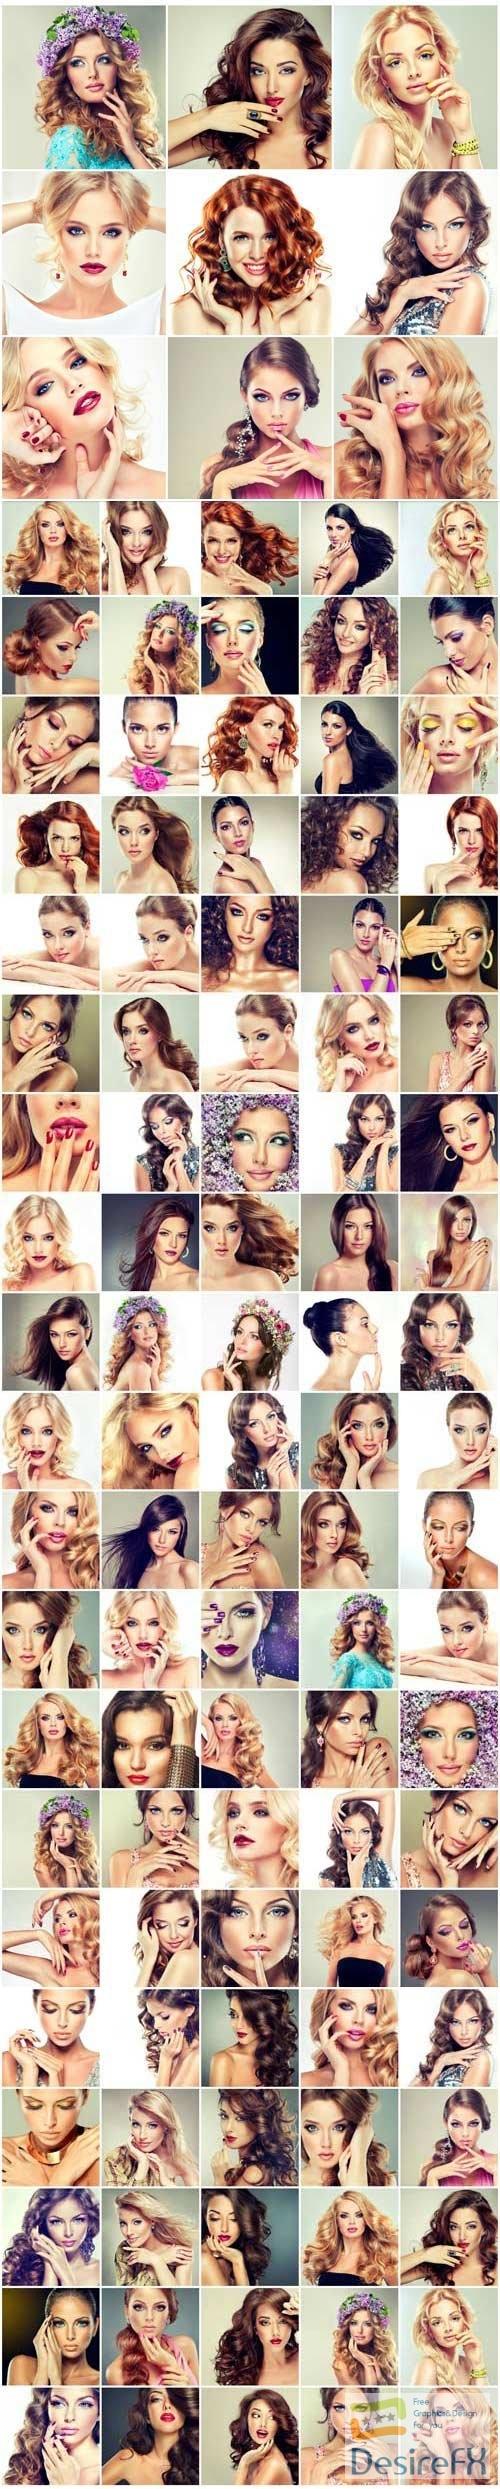 Bundle beautiful women and charming young girls